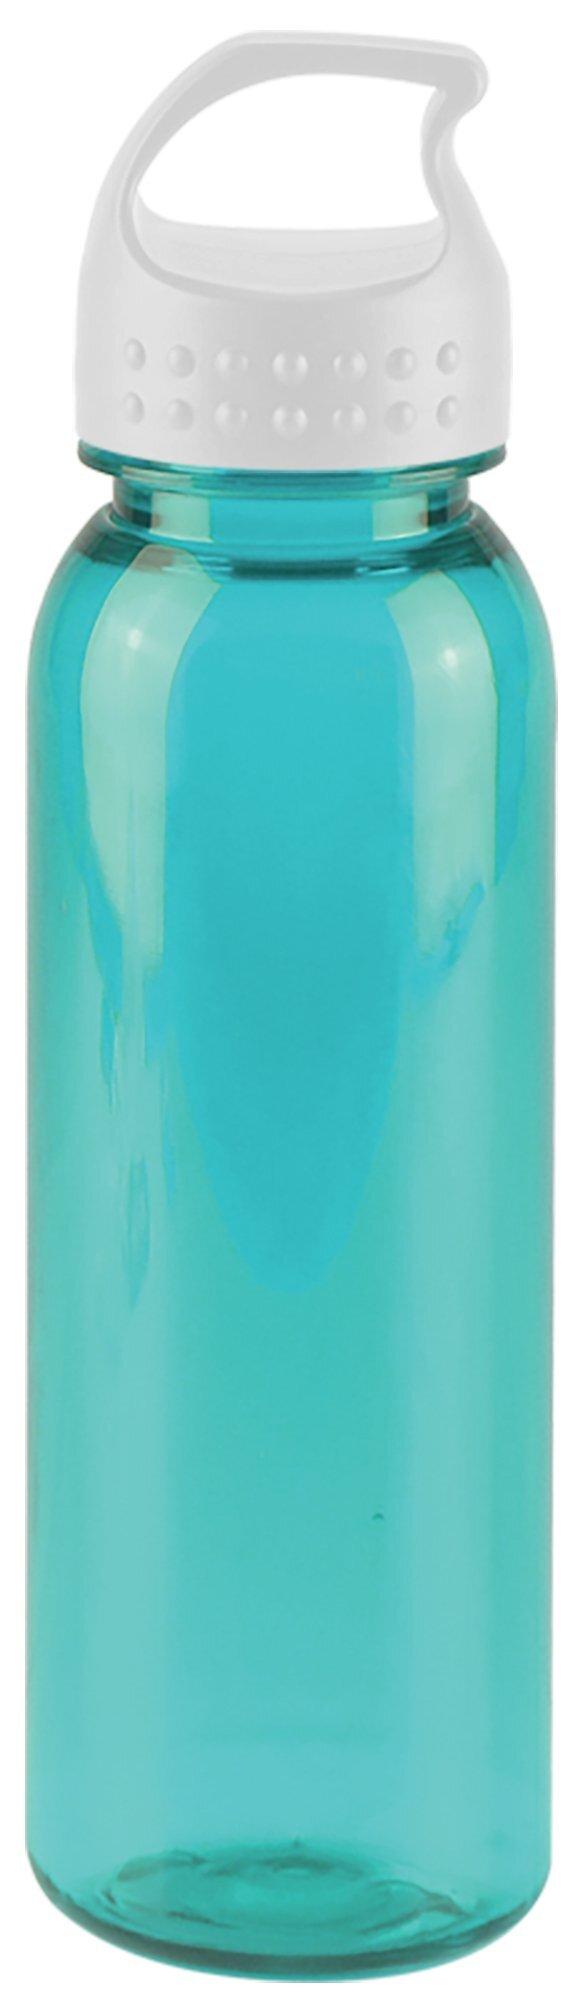 Corvus Tritan™ Bottle, 24oz. - Crest Lid